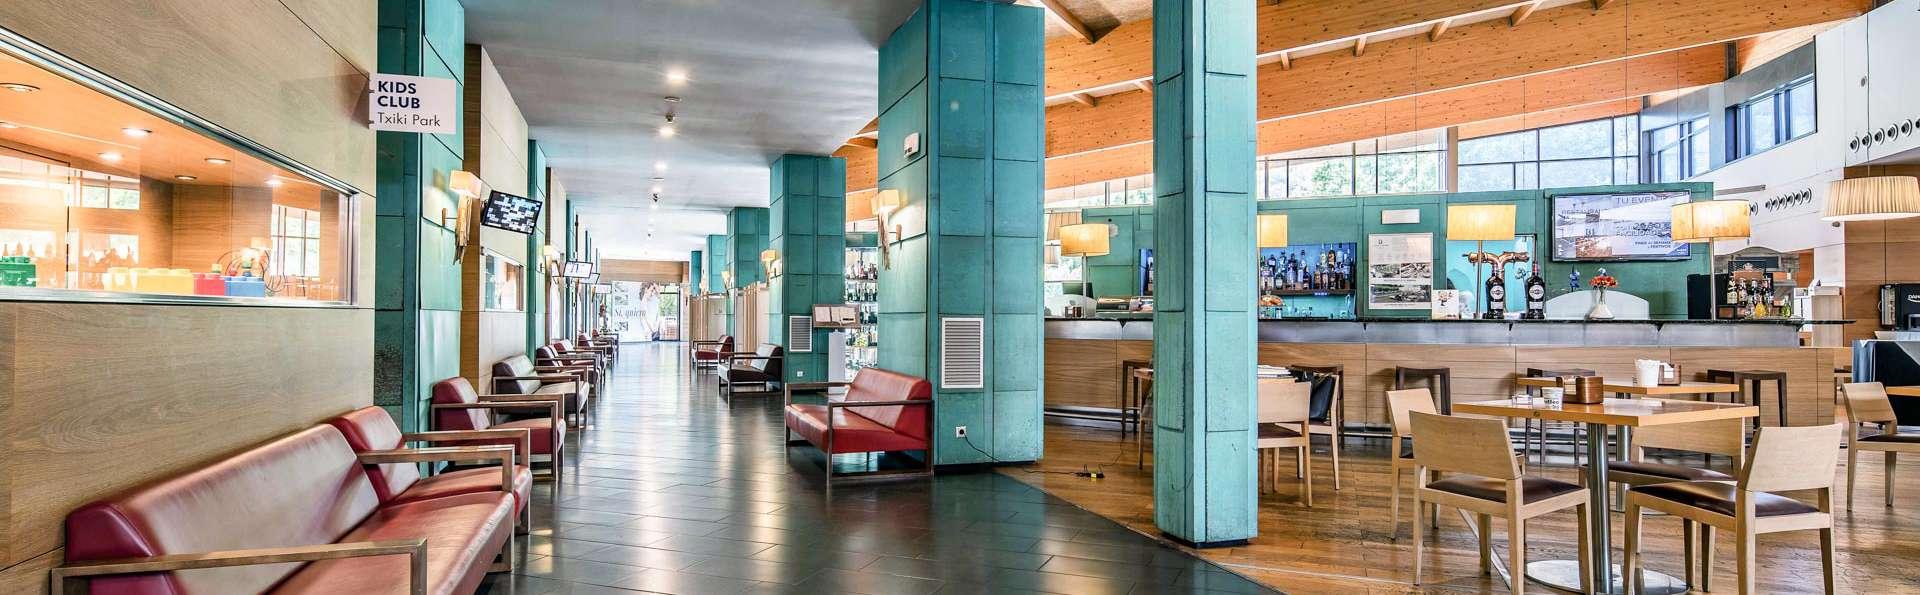 Hotel Puerta de Bilbao - EDIT_N2_LOBBY_01.jpg